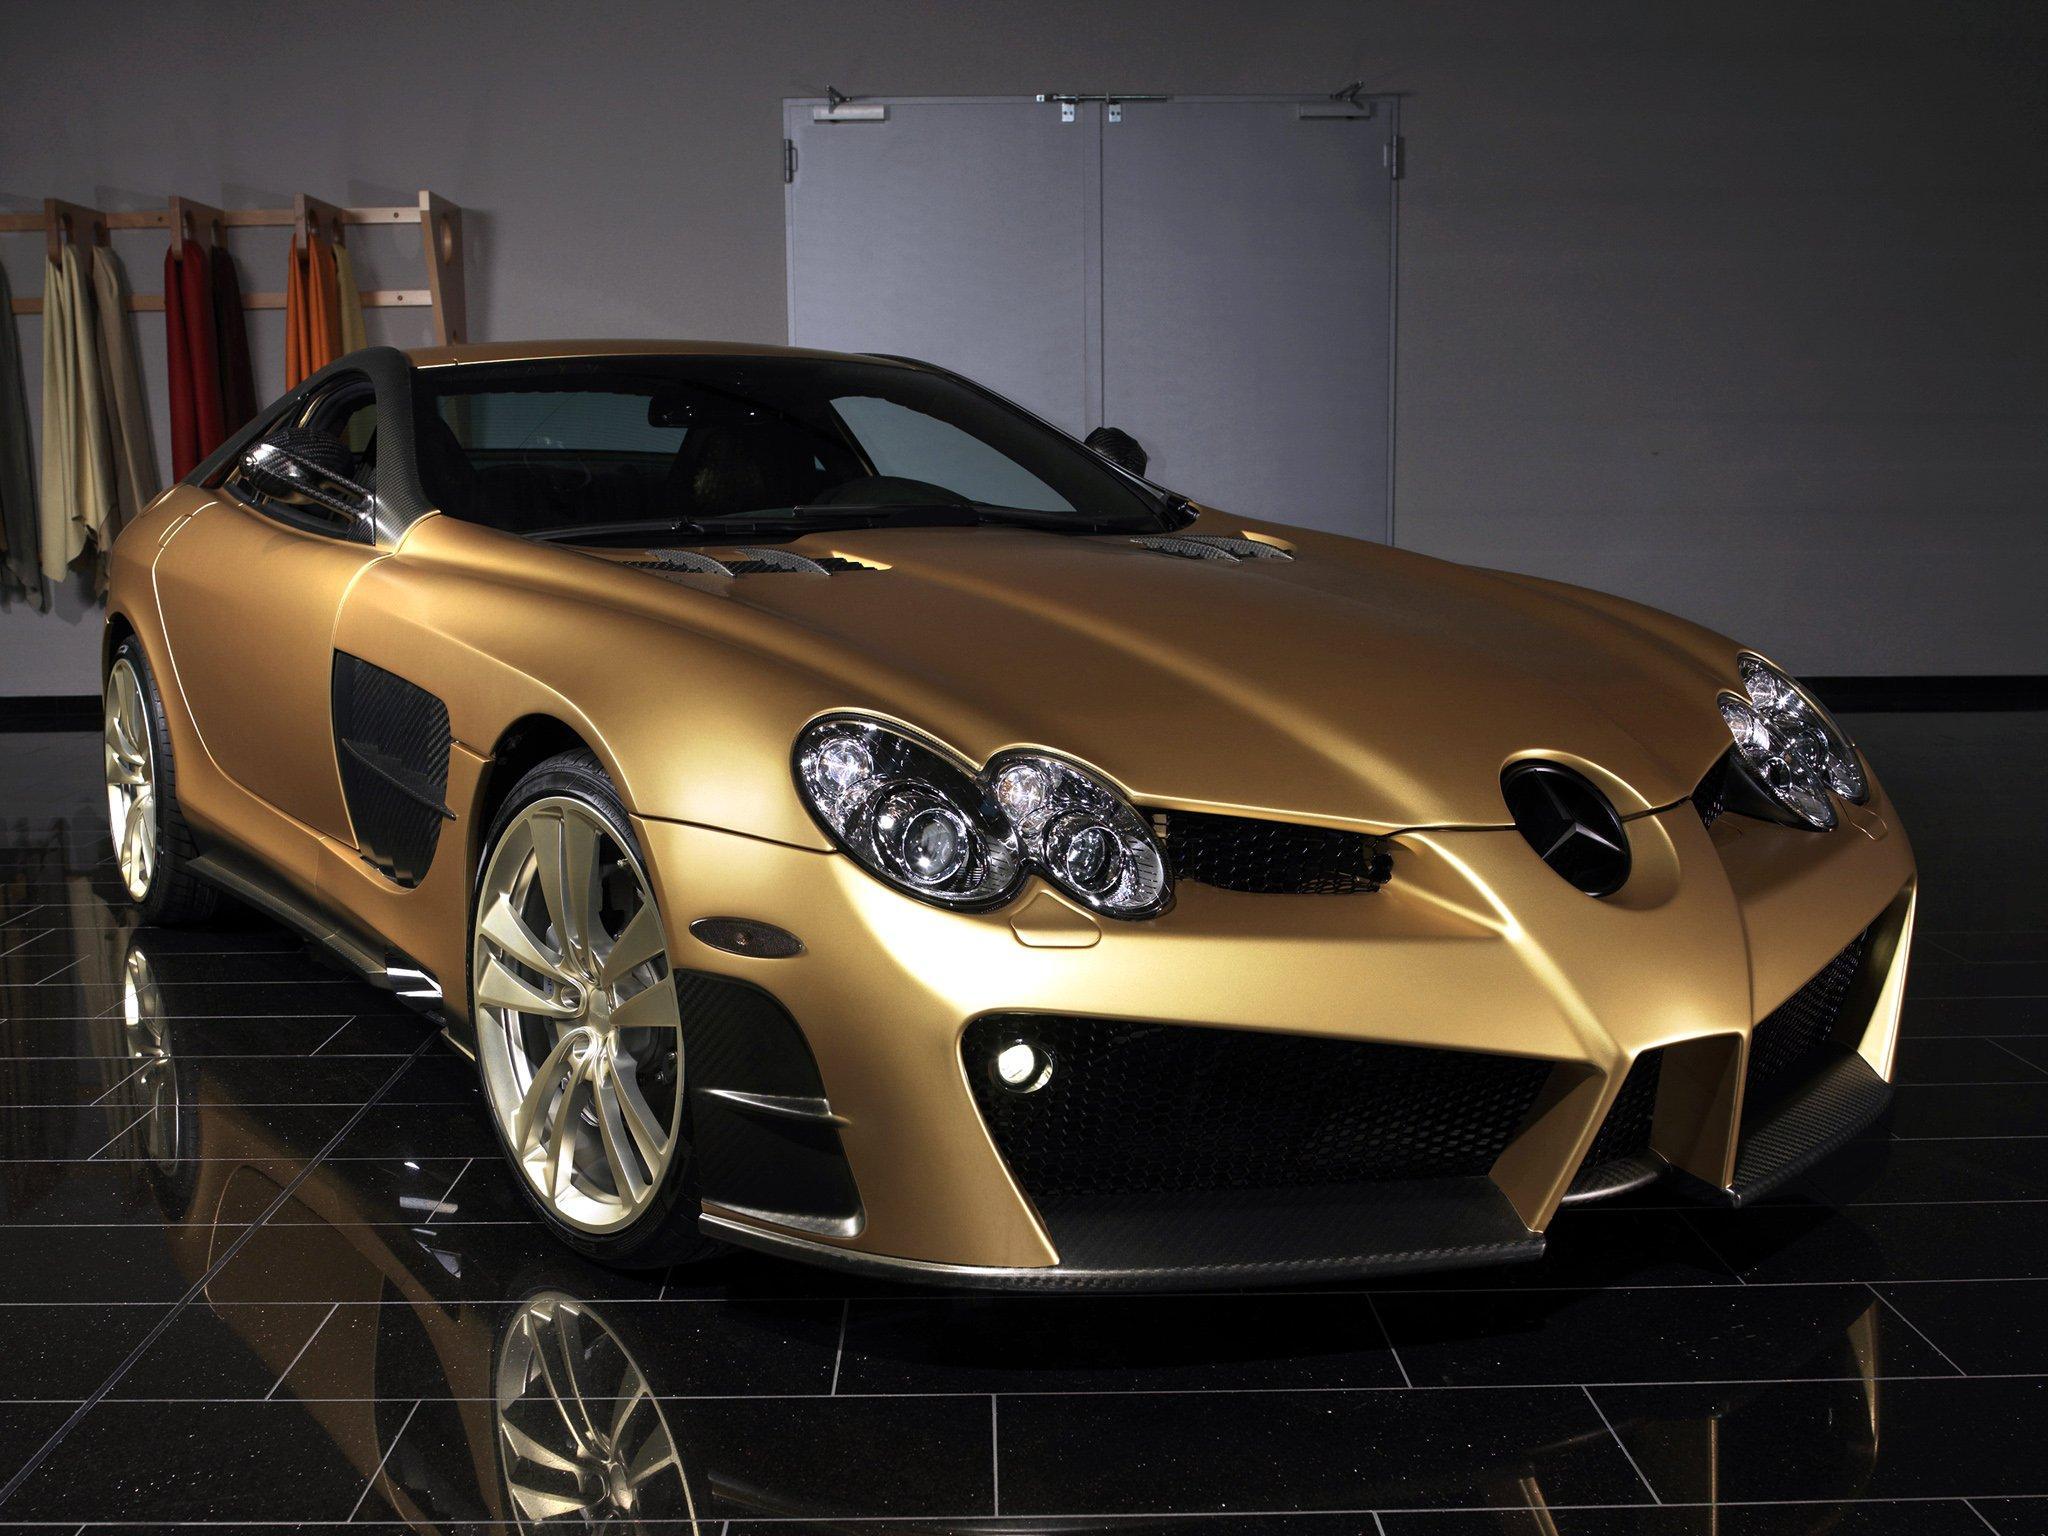 Gold McLaren Wallpapers - Wallpaper Cave